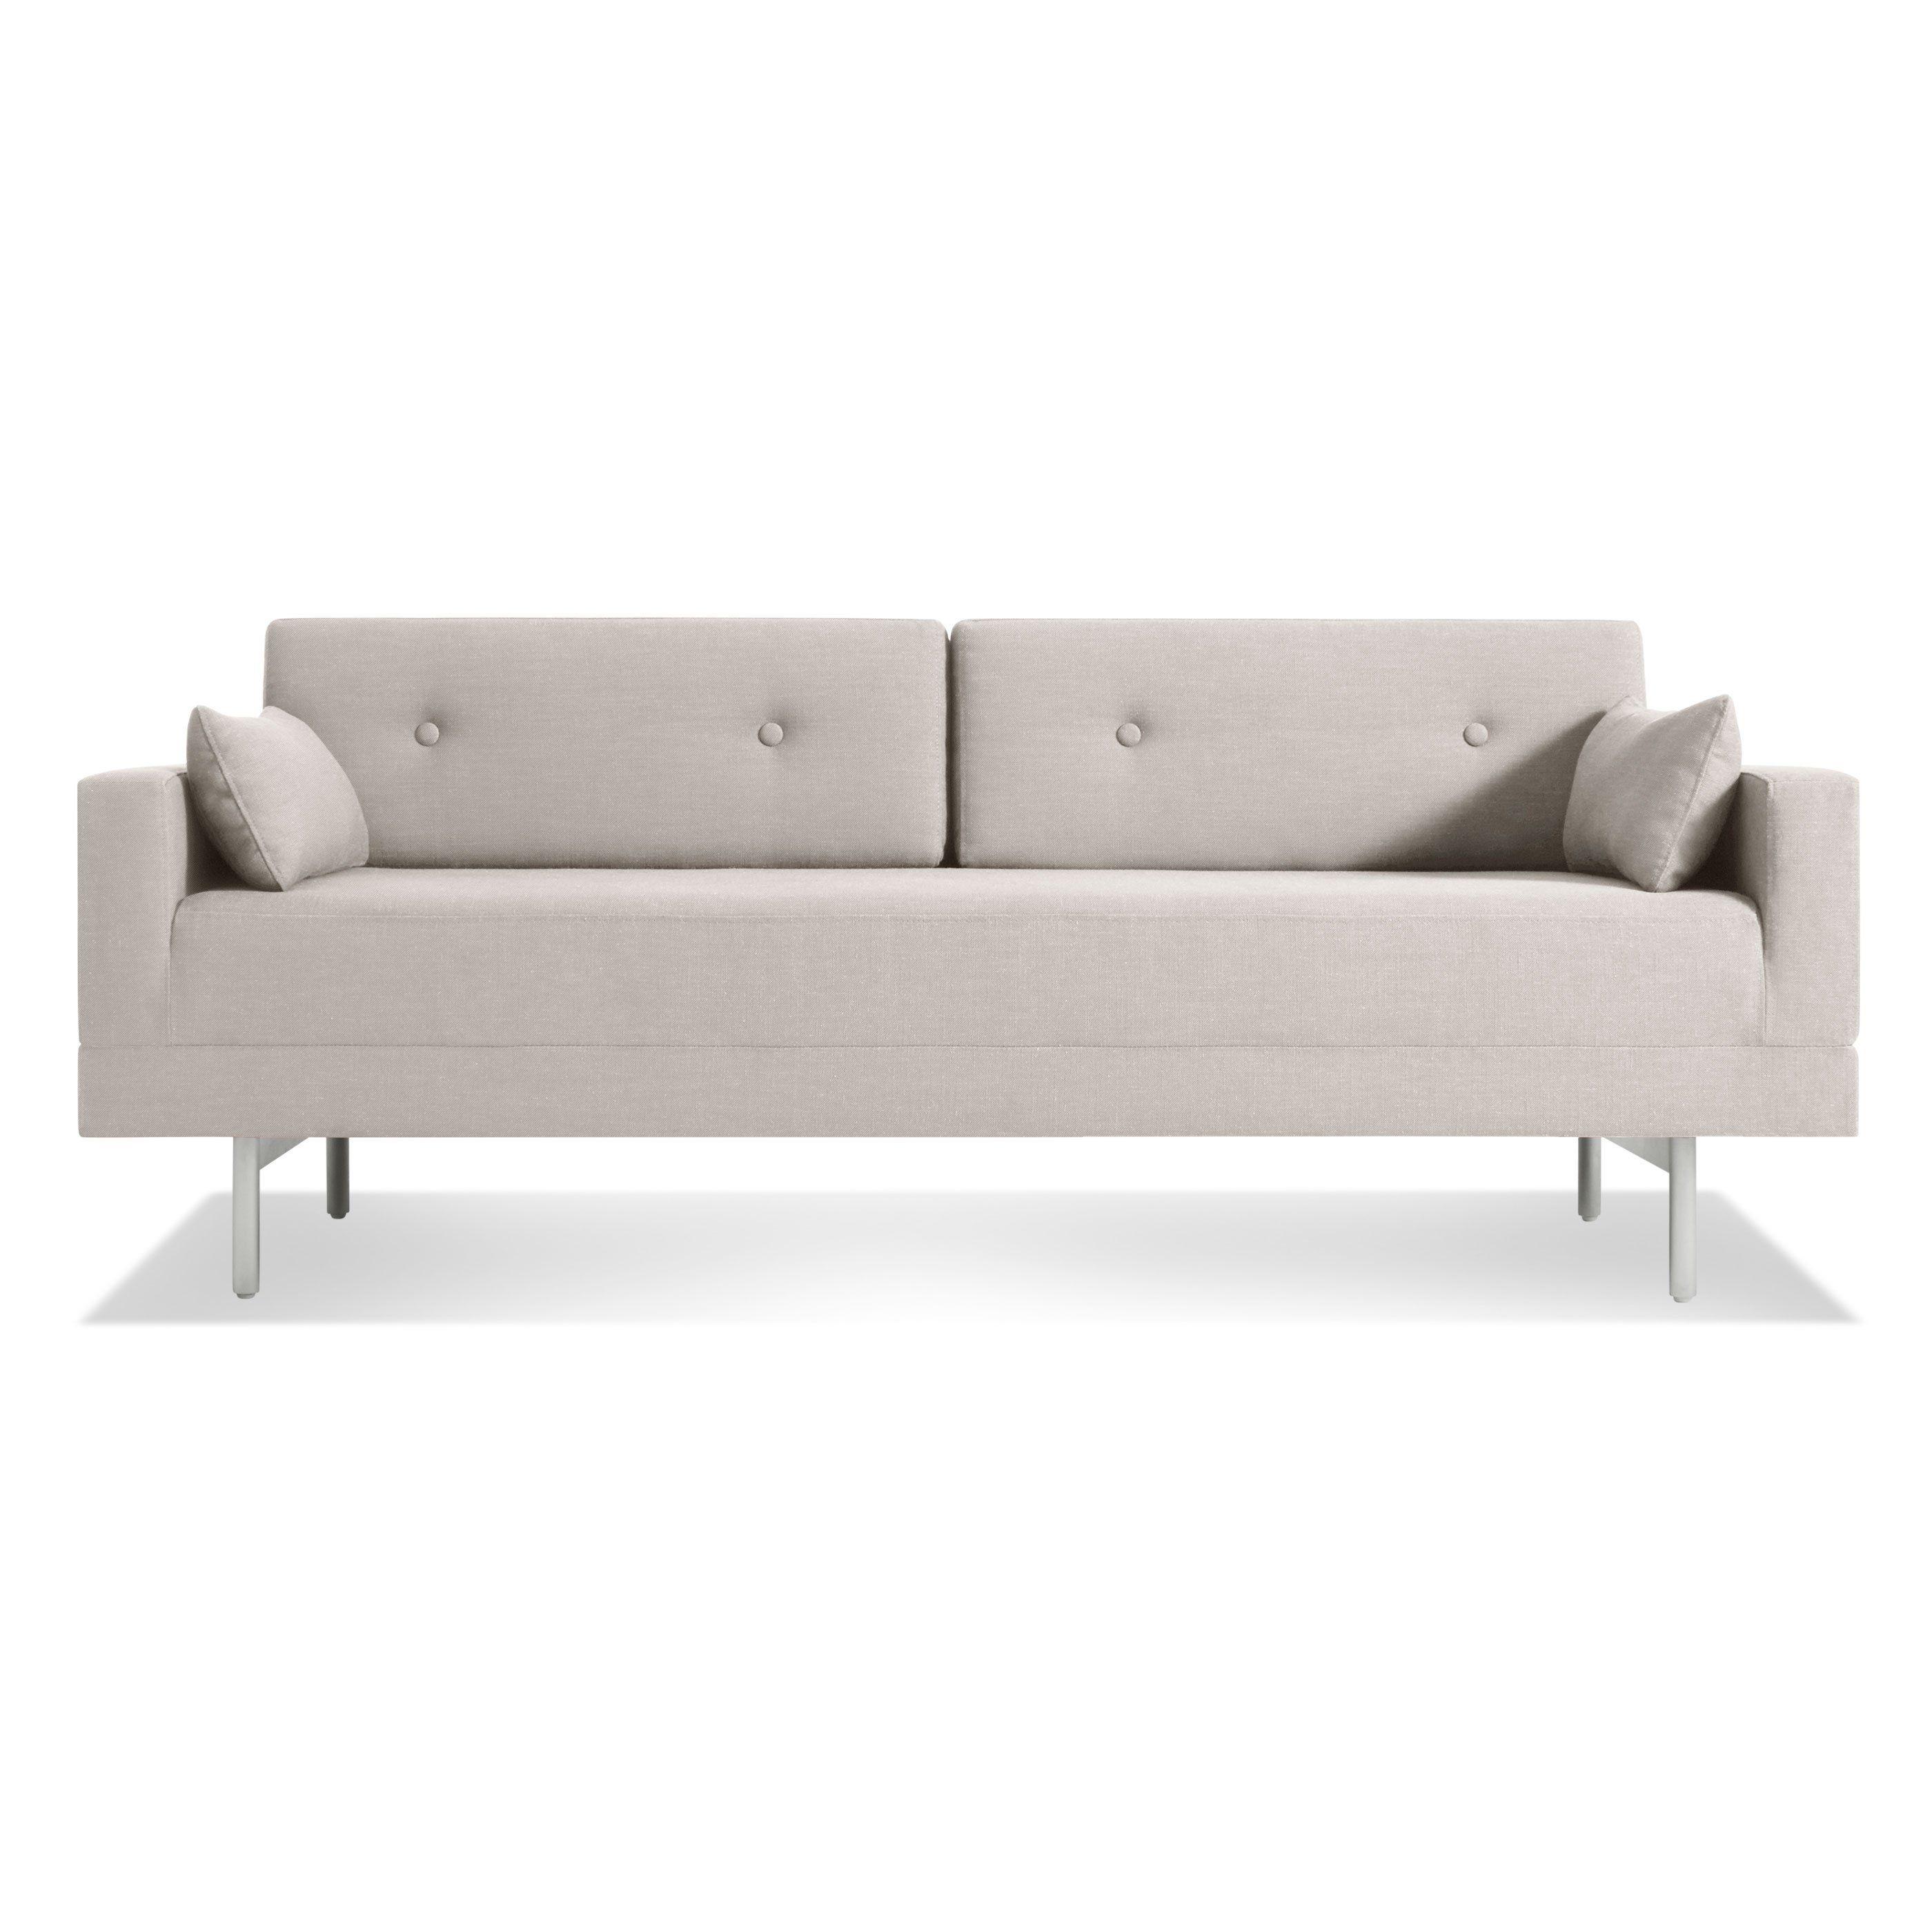 Blu Dot One Night Stand 80 Sleeper Sofa Sleeper Sofa Modern